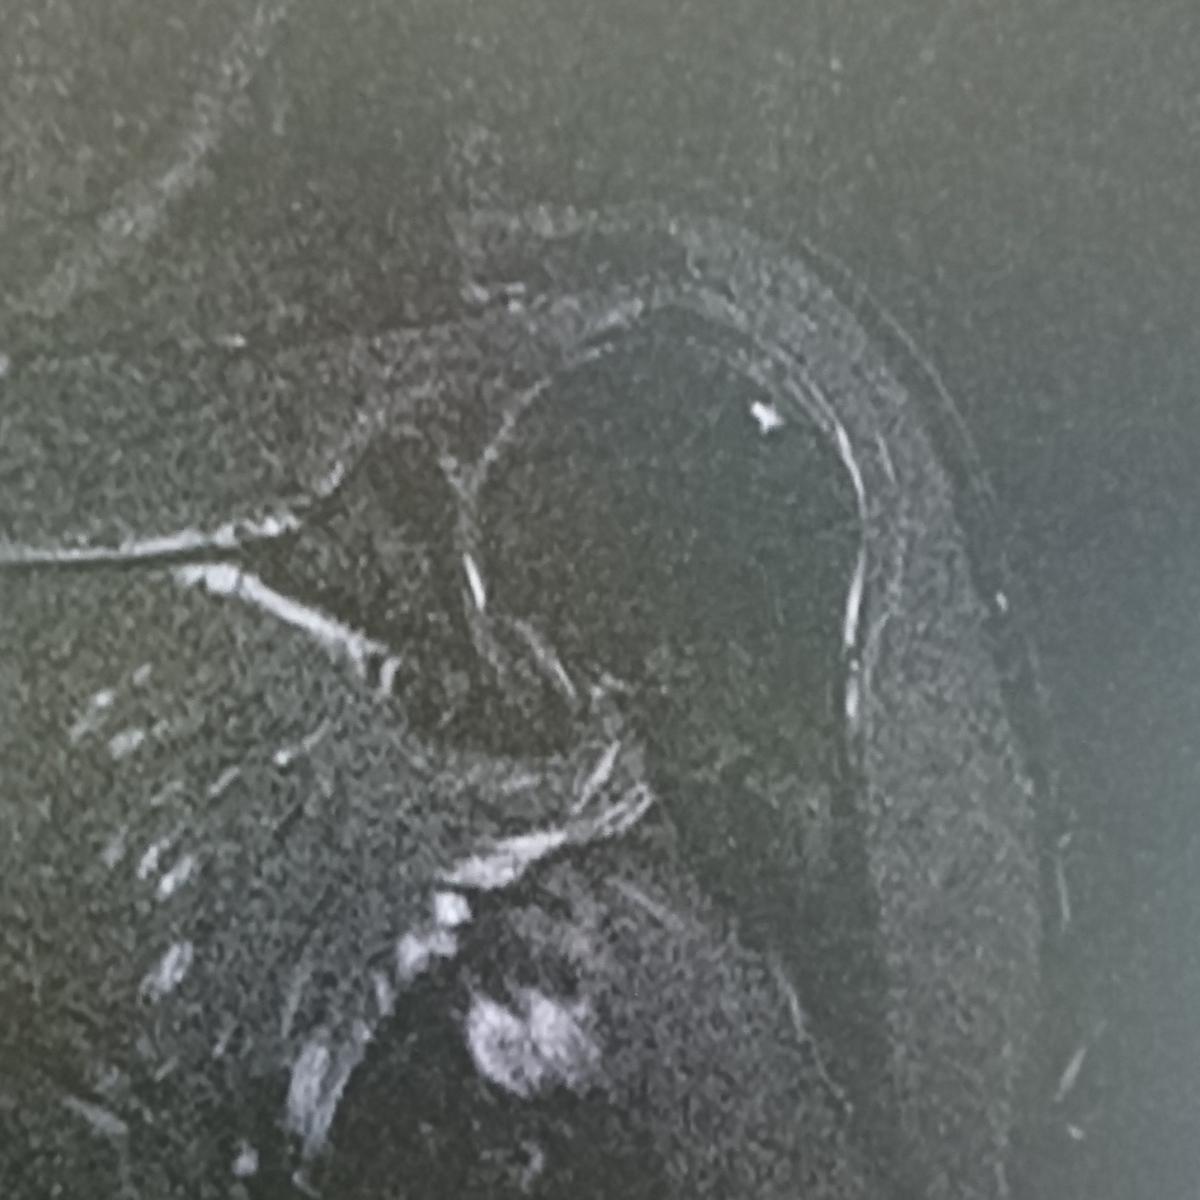 正常な肩関節T2強調脂肪抑制MRI画像